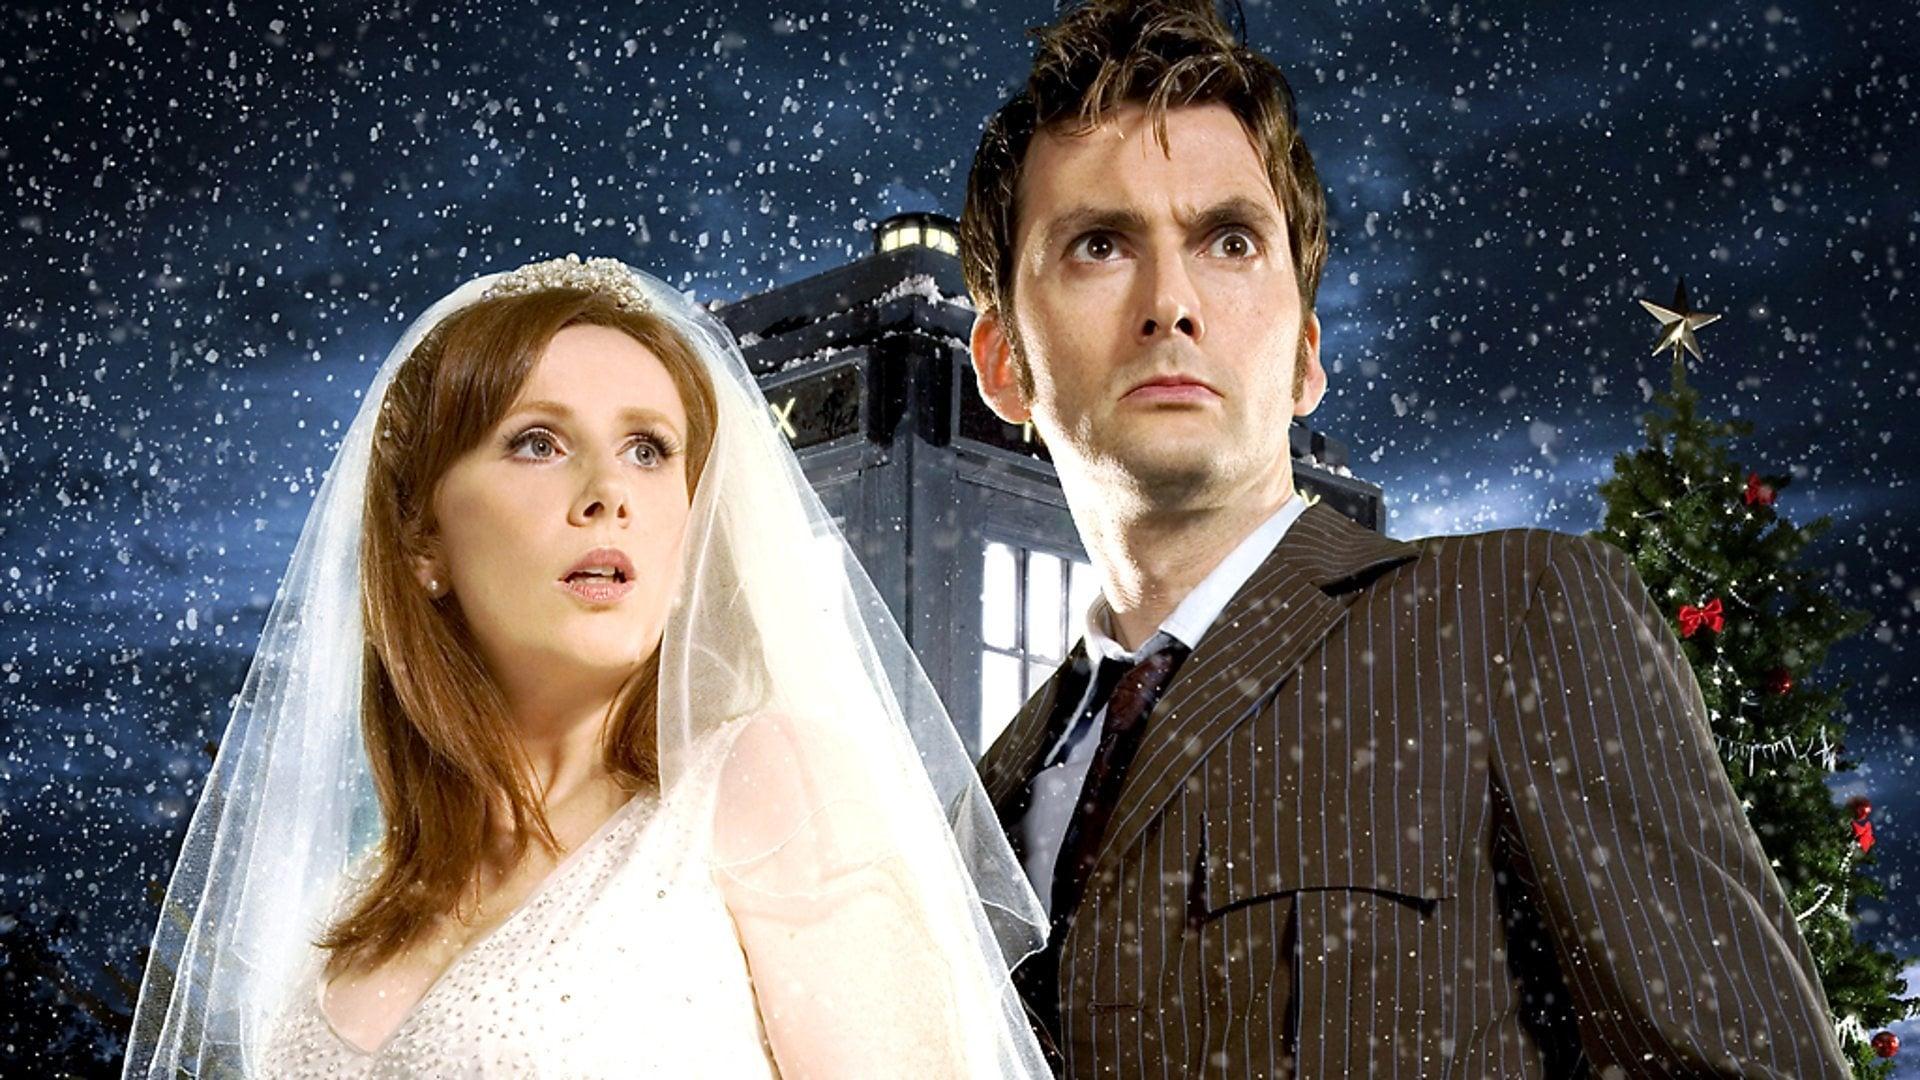 Doctor Who - Season 0 Episode 4 : The Runaway Bride